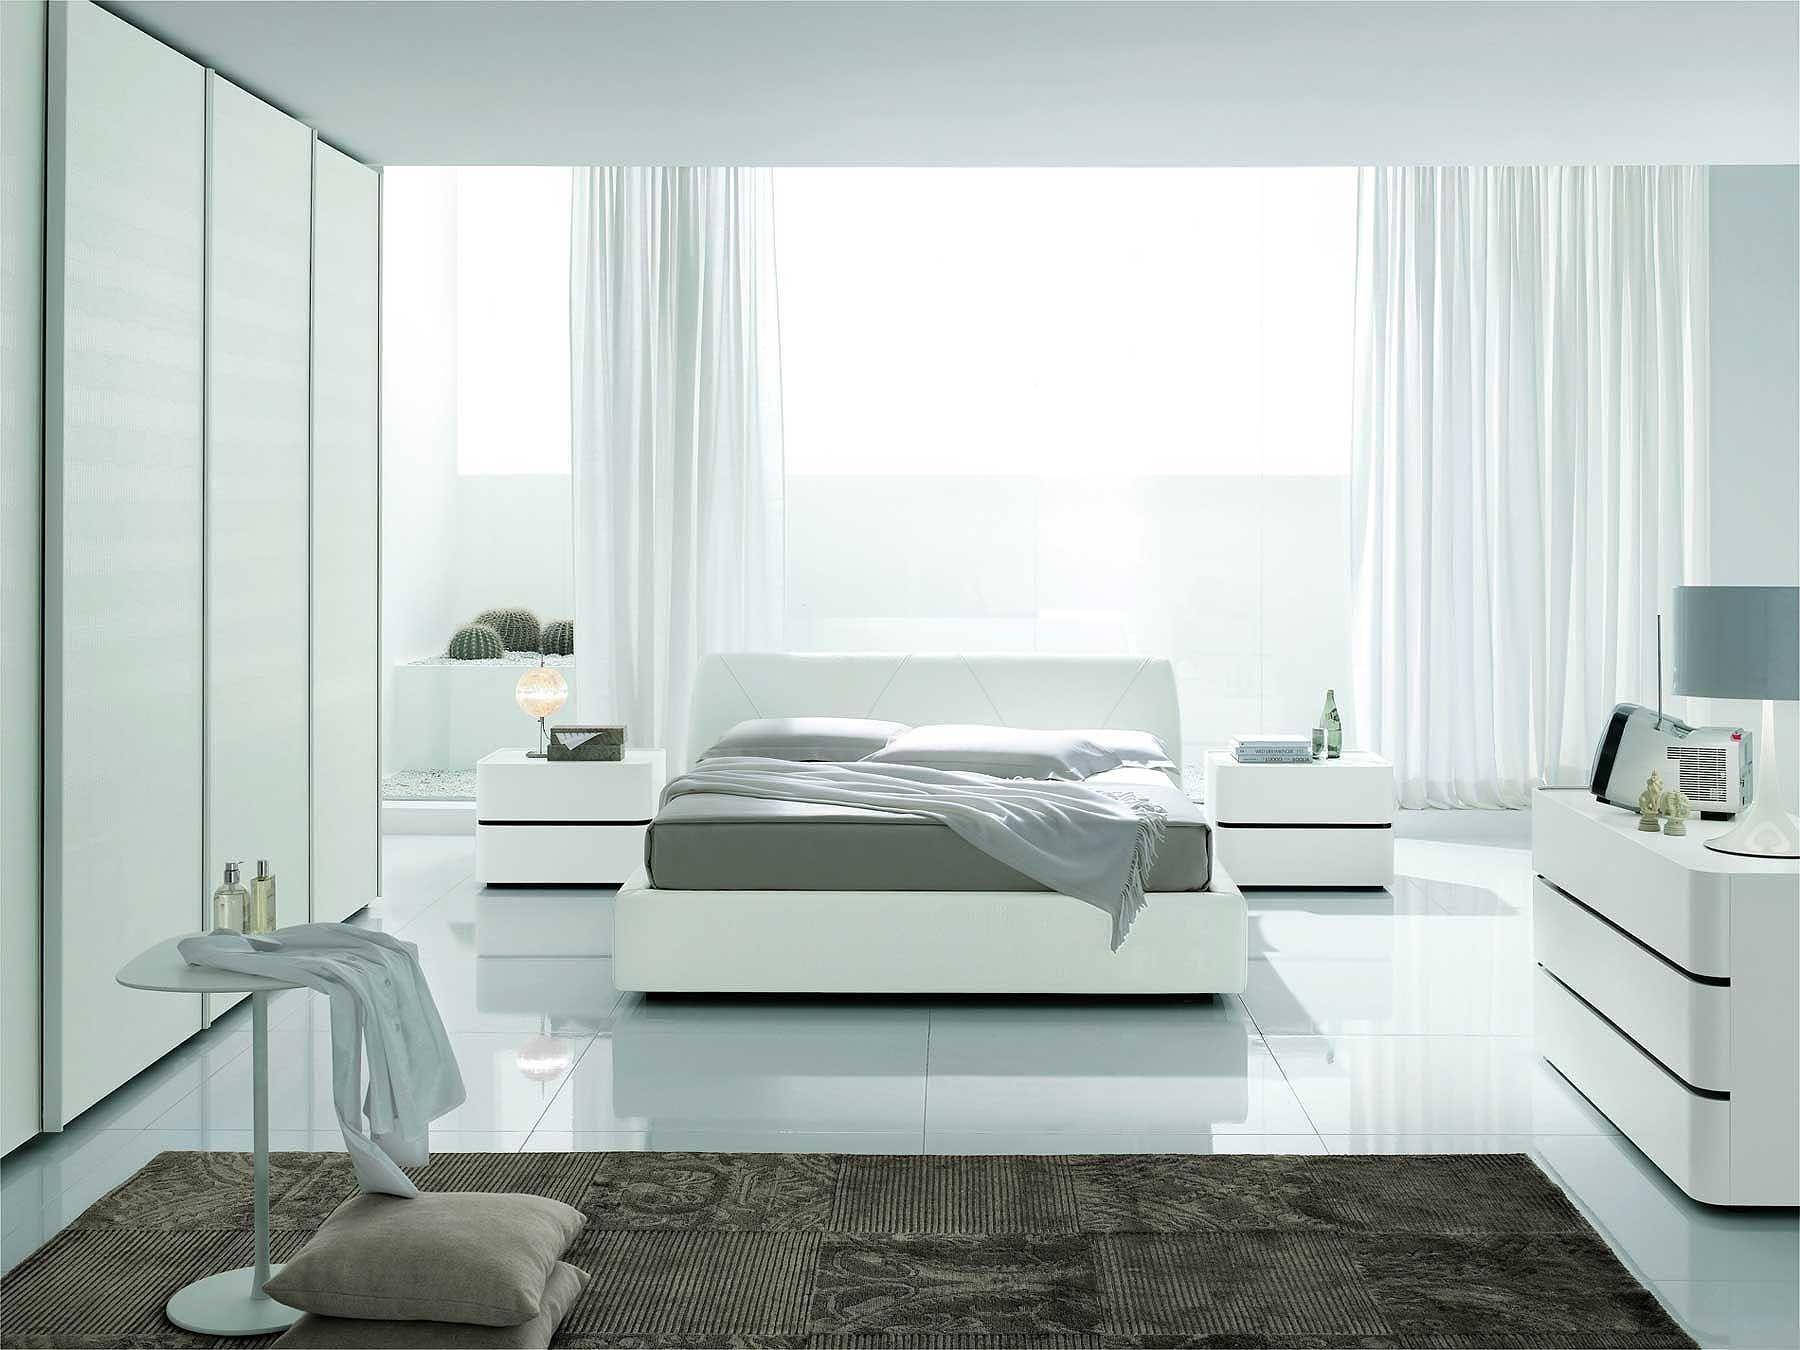 modern bedroom furniture design #modern #bedroom #bed #room